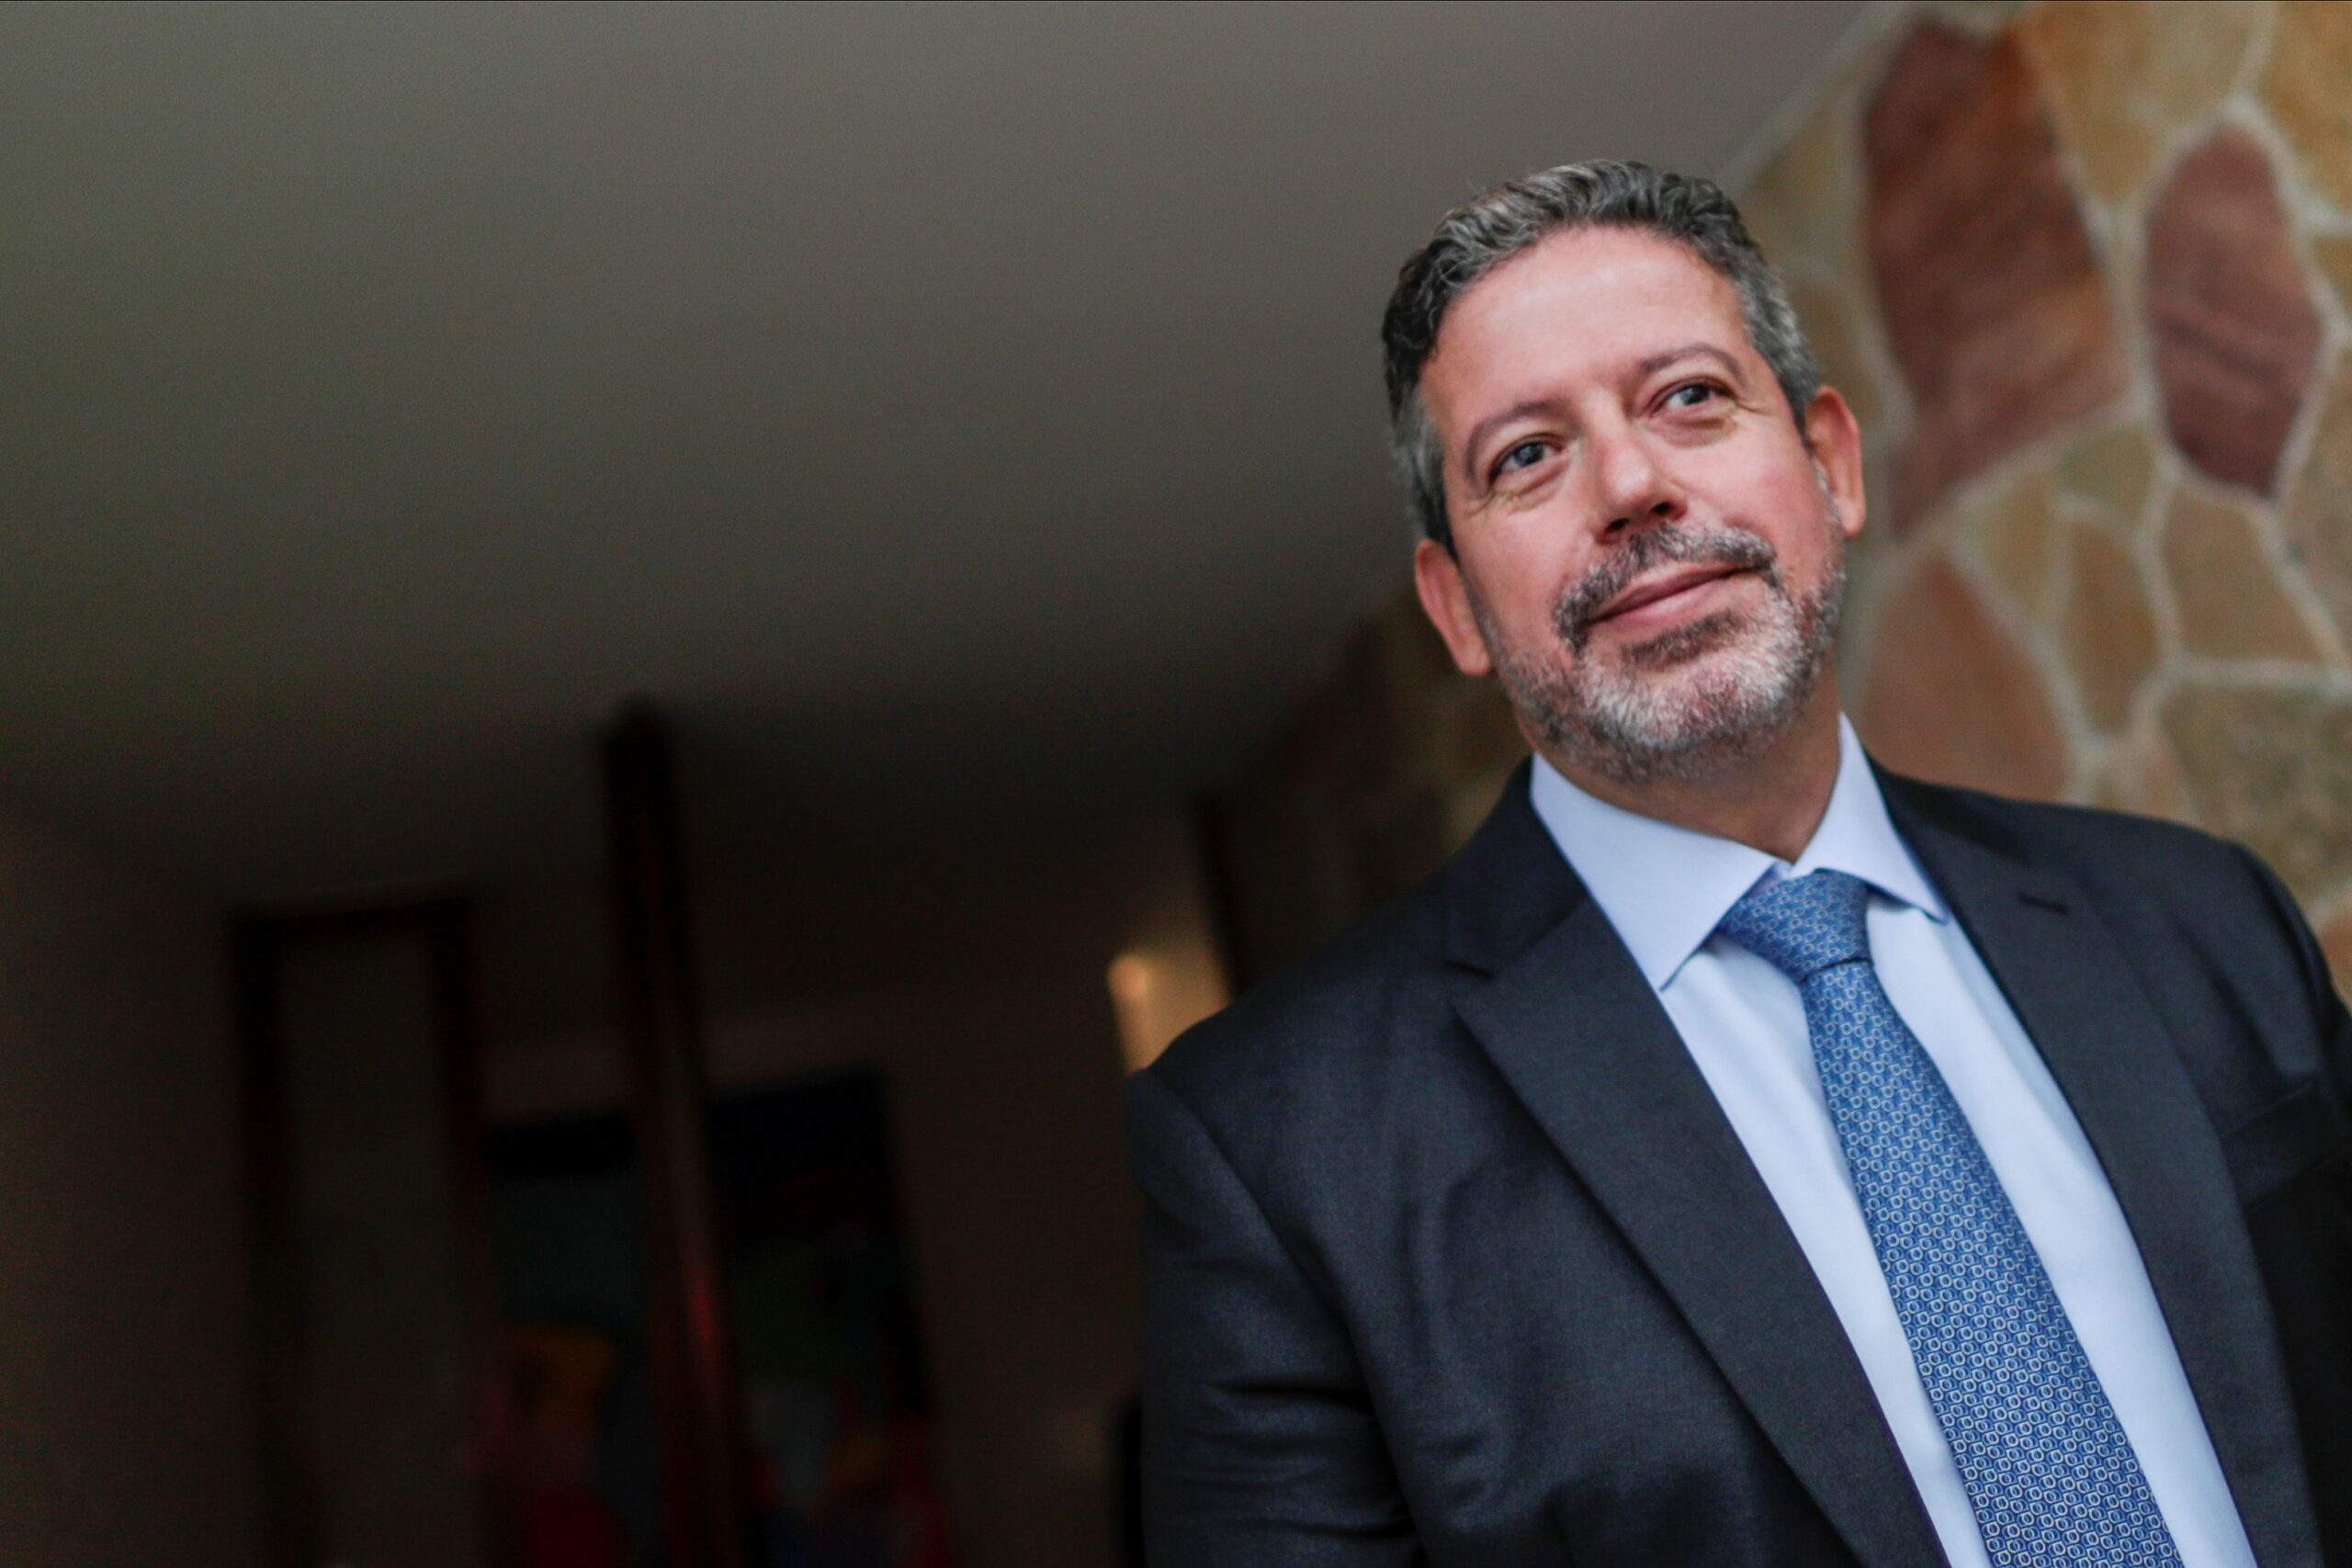 Presidente da Câmara dos Deputados, Arthur Lira | Crédito: REUTERS/Ueslei Marcelino